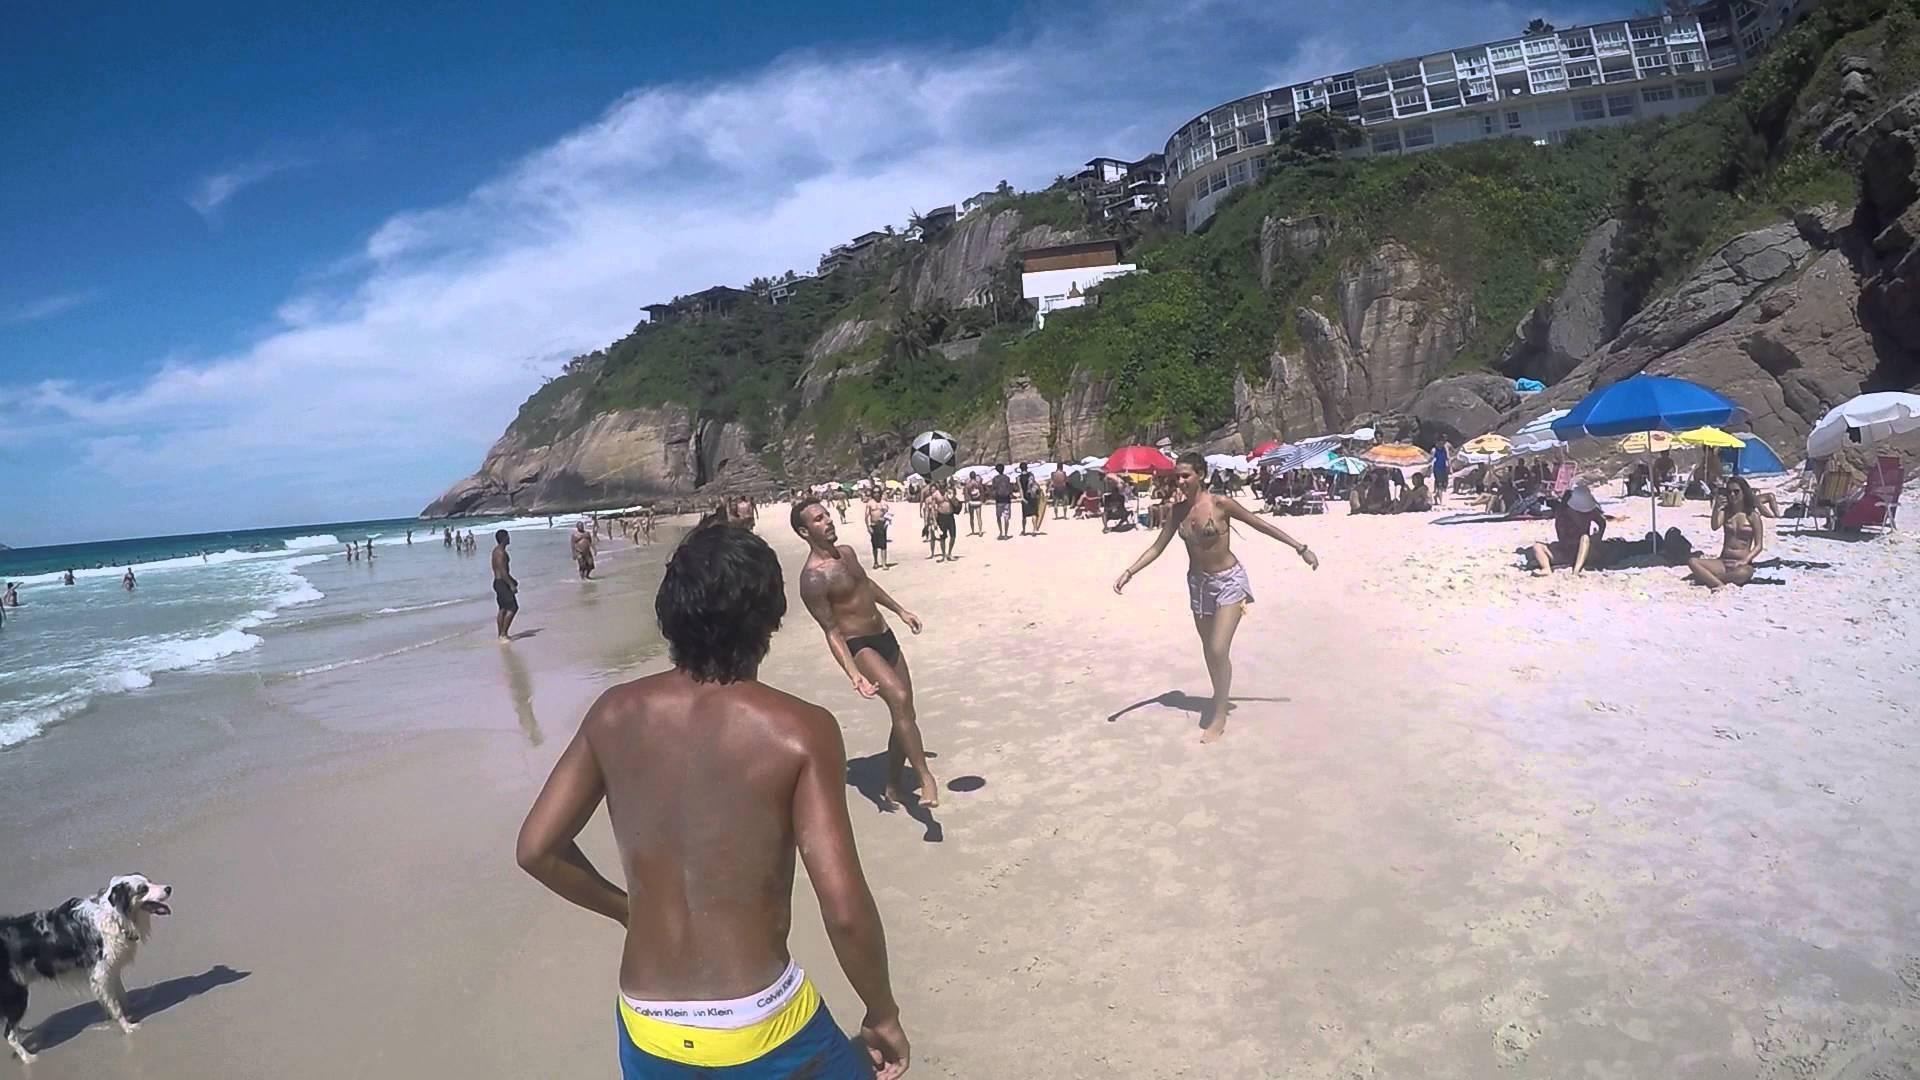 Plážové pinkání ve čtyřech: 2 muži, jedna žena a jeden pes